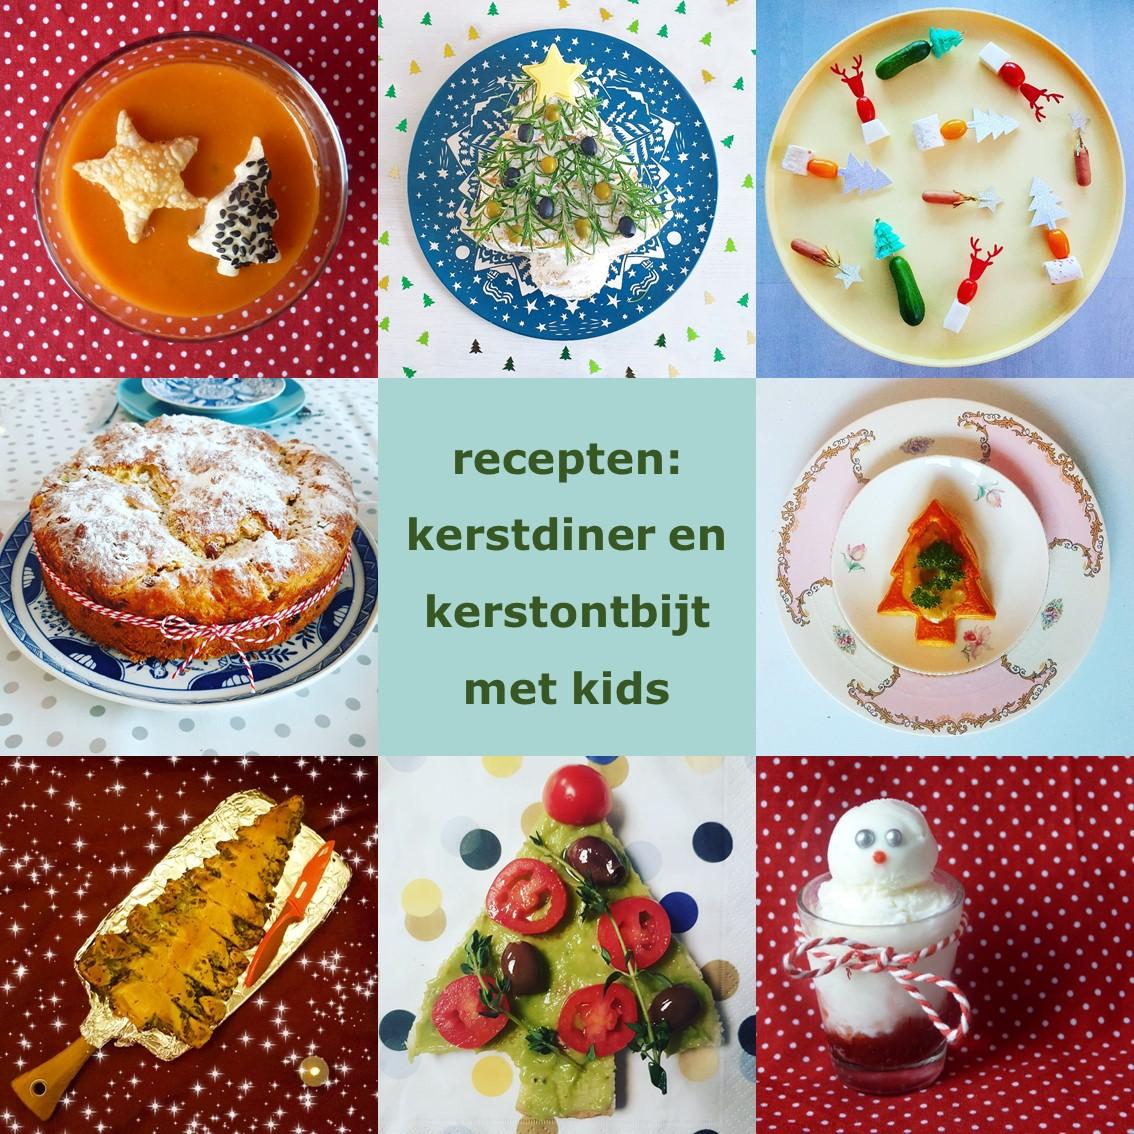 Recepten voor kerstdiner en kerstontbijt met kinderen thuis en op school